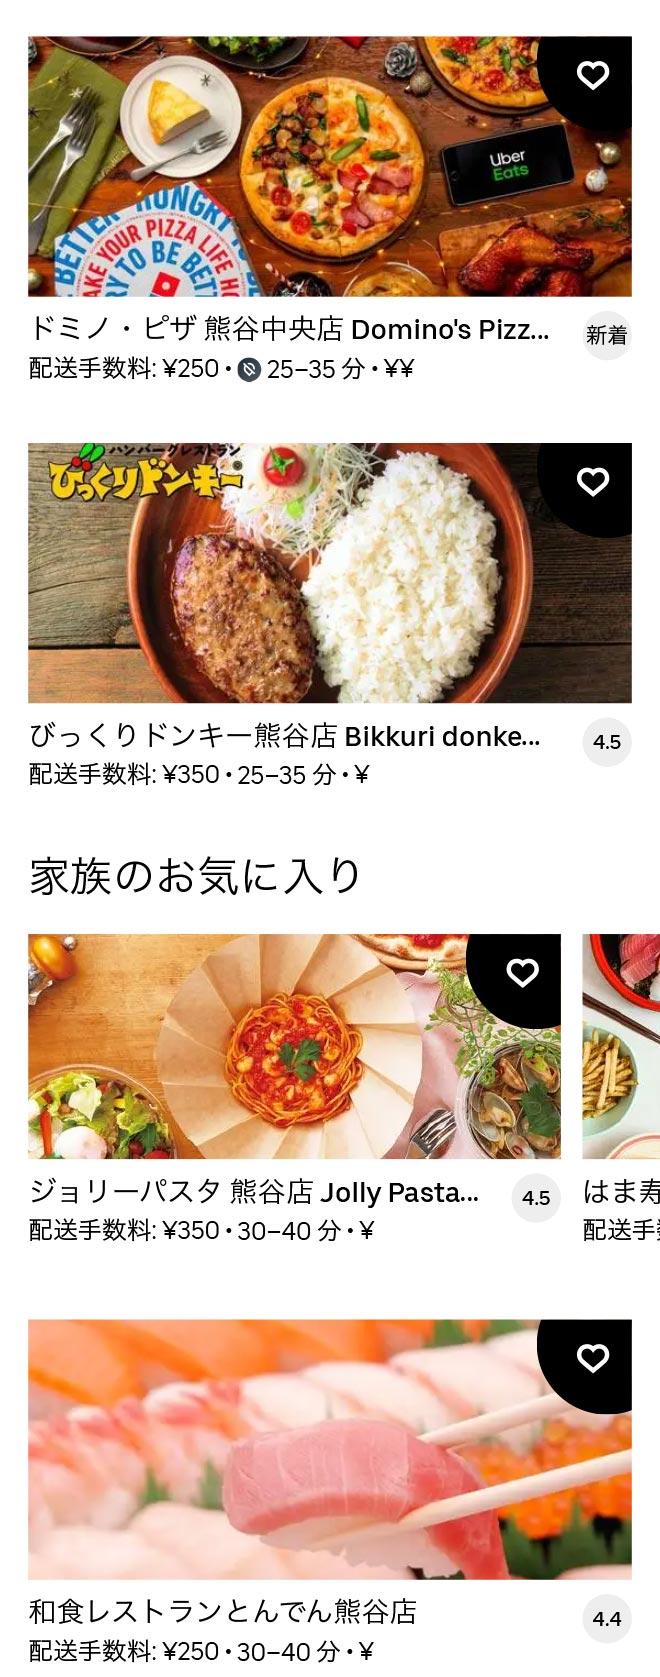 Kumagaya menu 2101 08